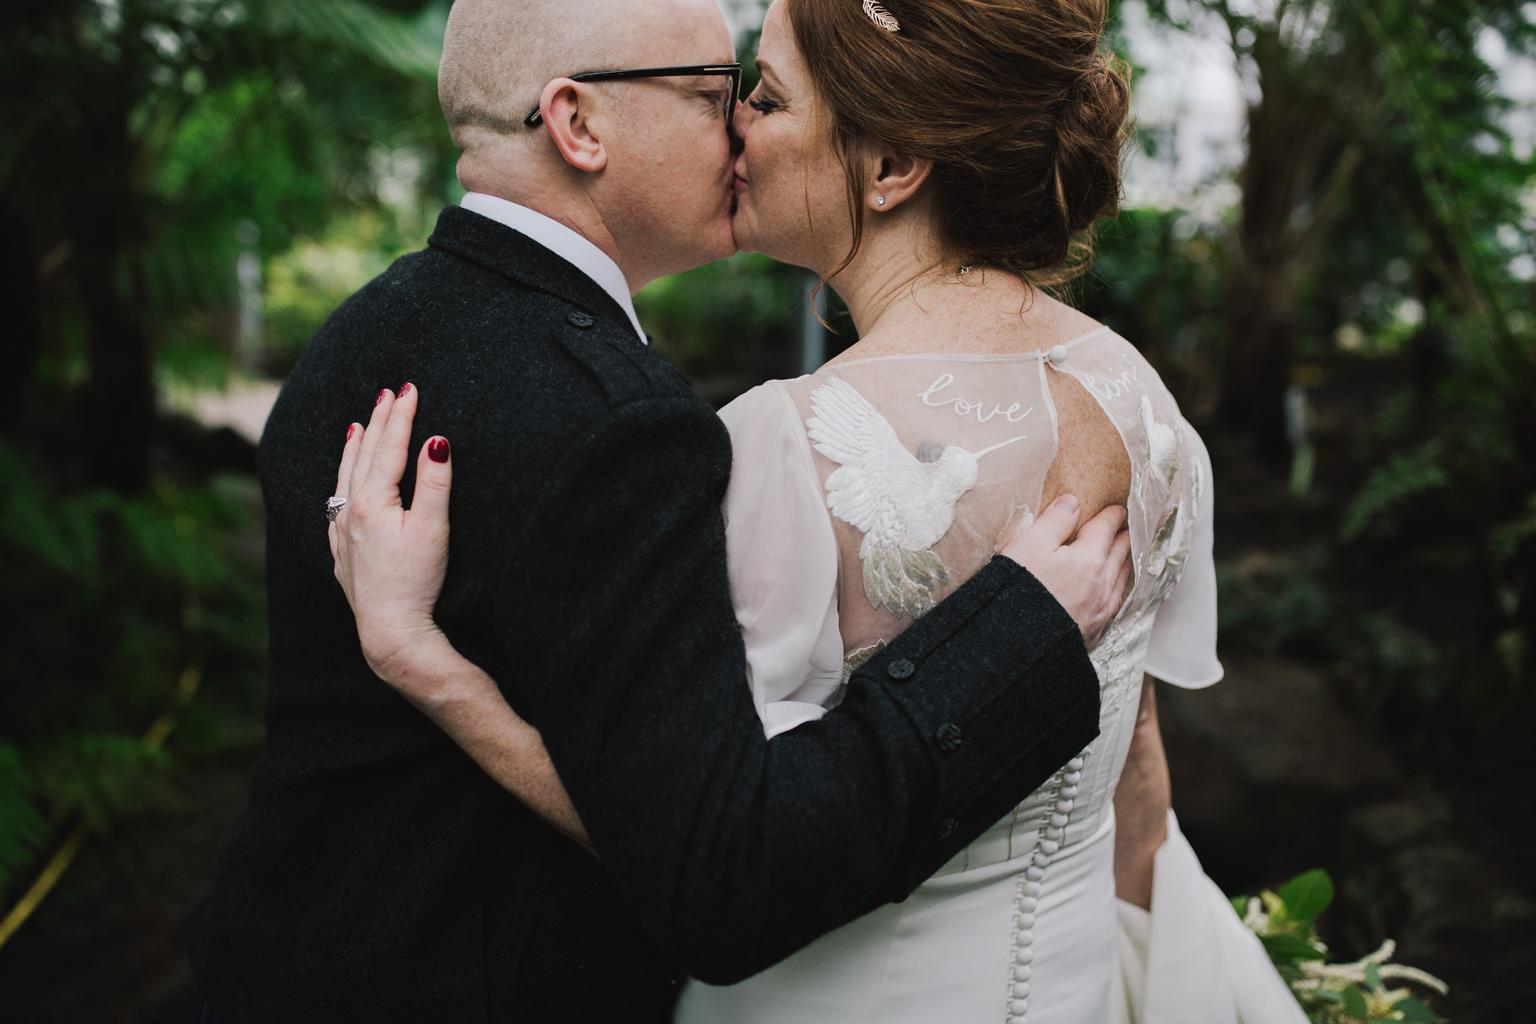 Modern Wedding portraits at a Glasgow Botanic Gardens Wedding